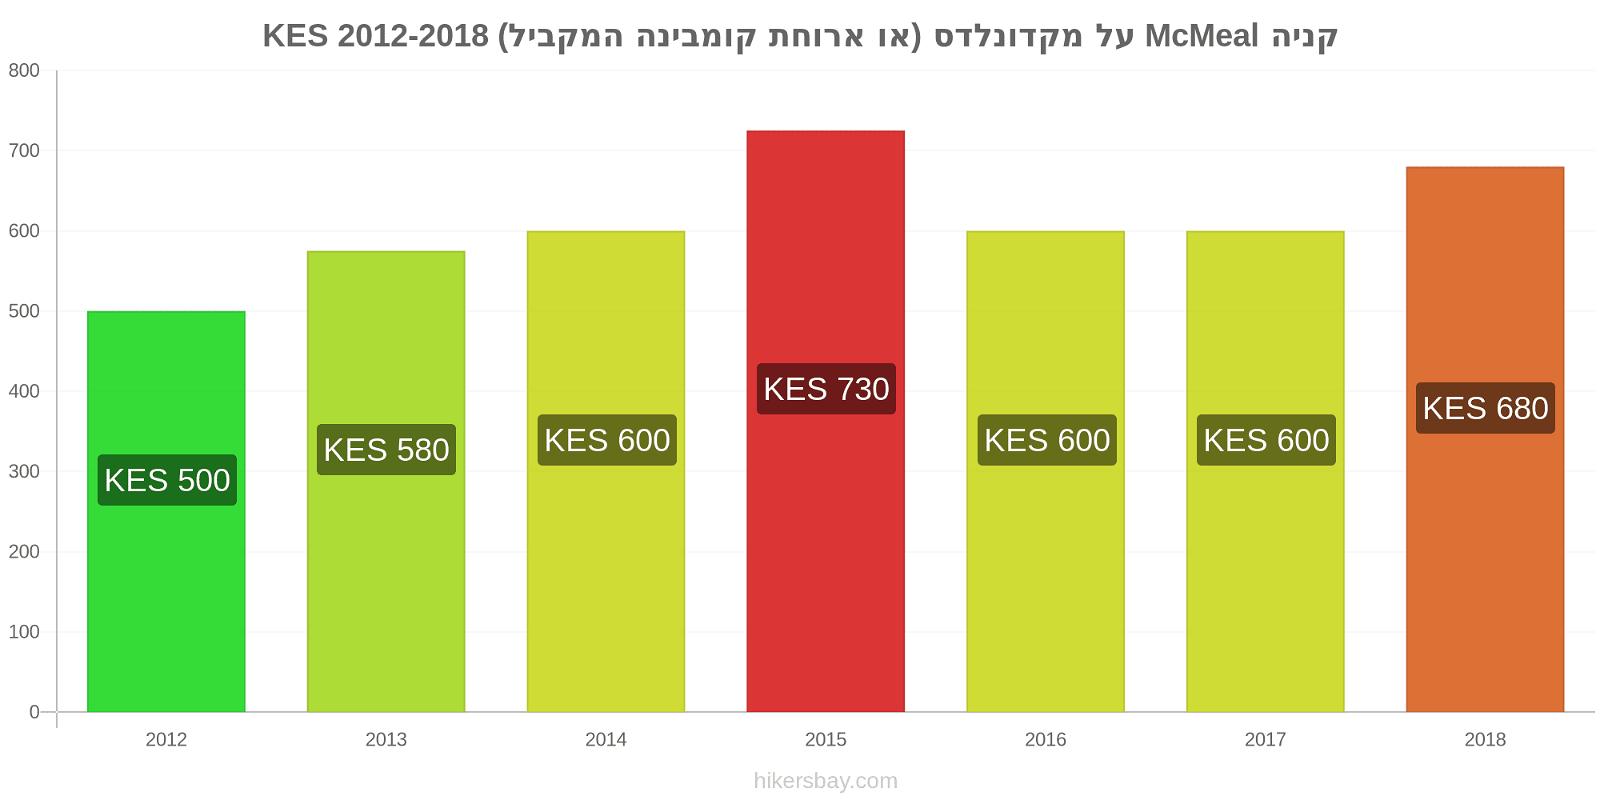 קניה שינויי מחירים McMeal על מקדונלדס (או ארוחת קומבינה המקביל) hikersbay.com